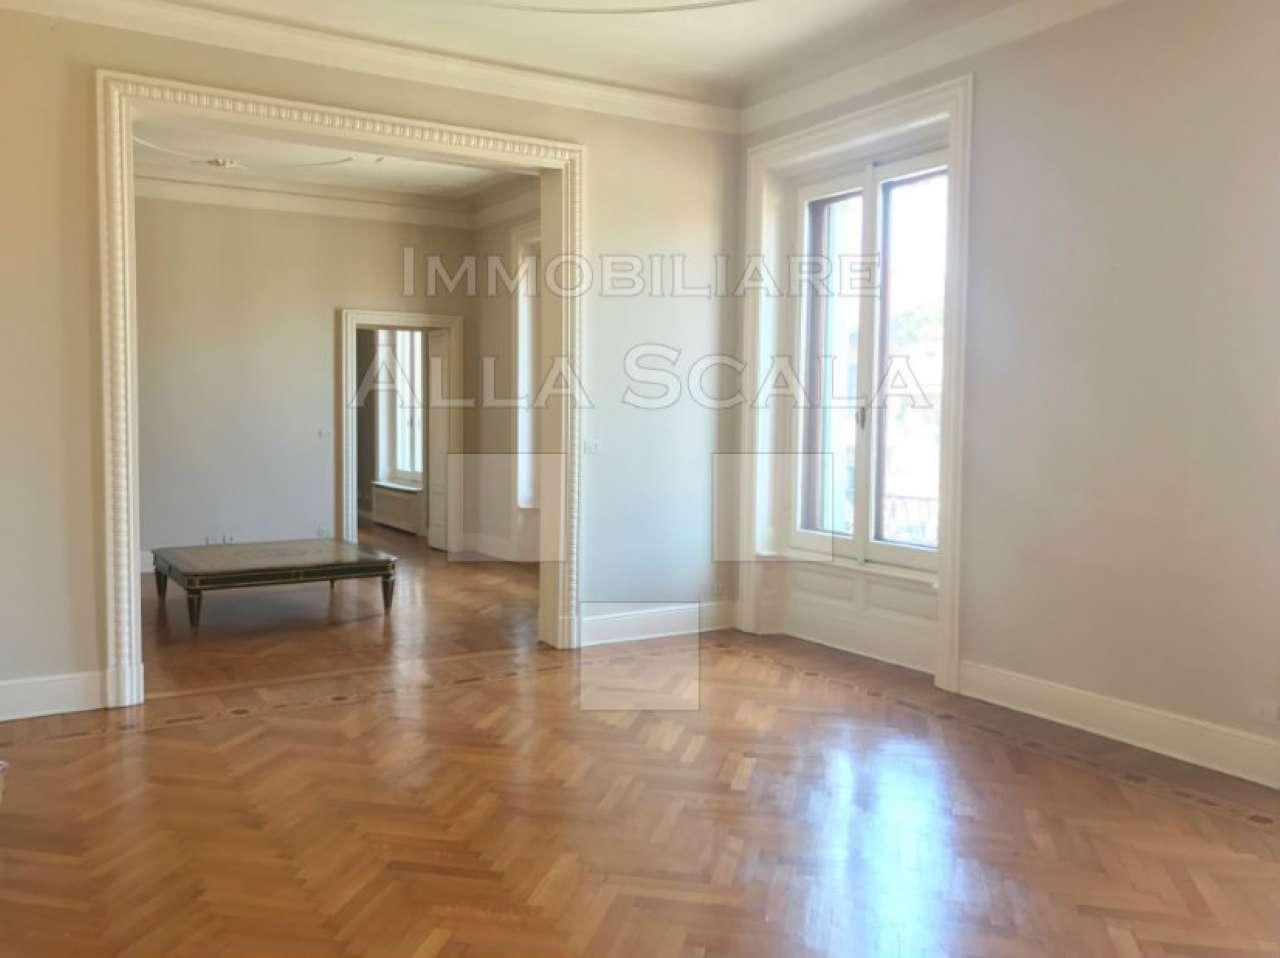 Appartamento in affitto a Milano, 12 locali, zona Zona: 1 . Centro Storico, Duomo, Brera, Cadorna, Cattolica, prezzo € 8.750 | Cambio Casa.it